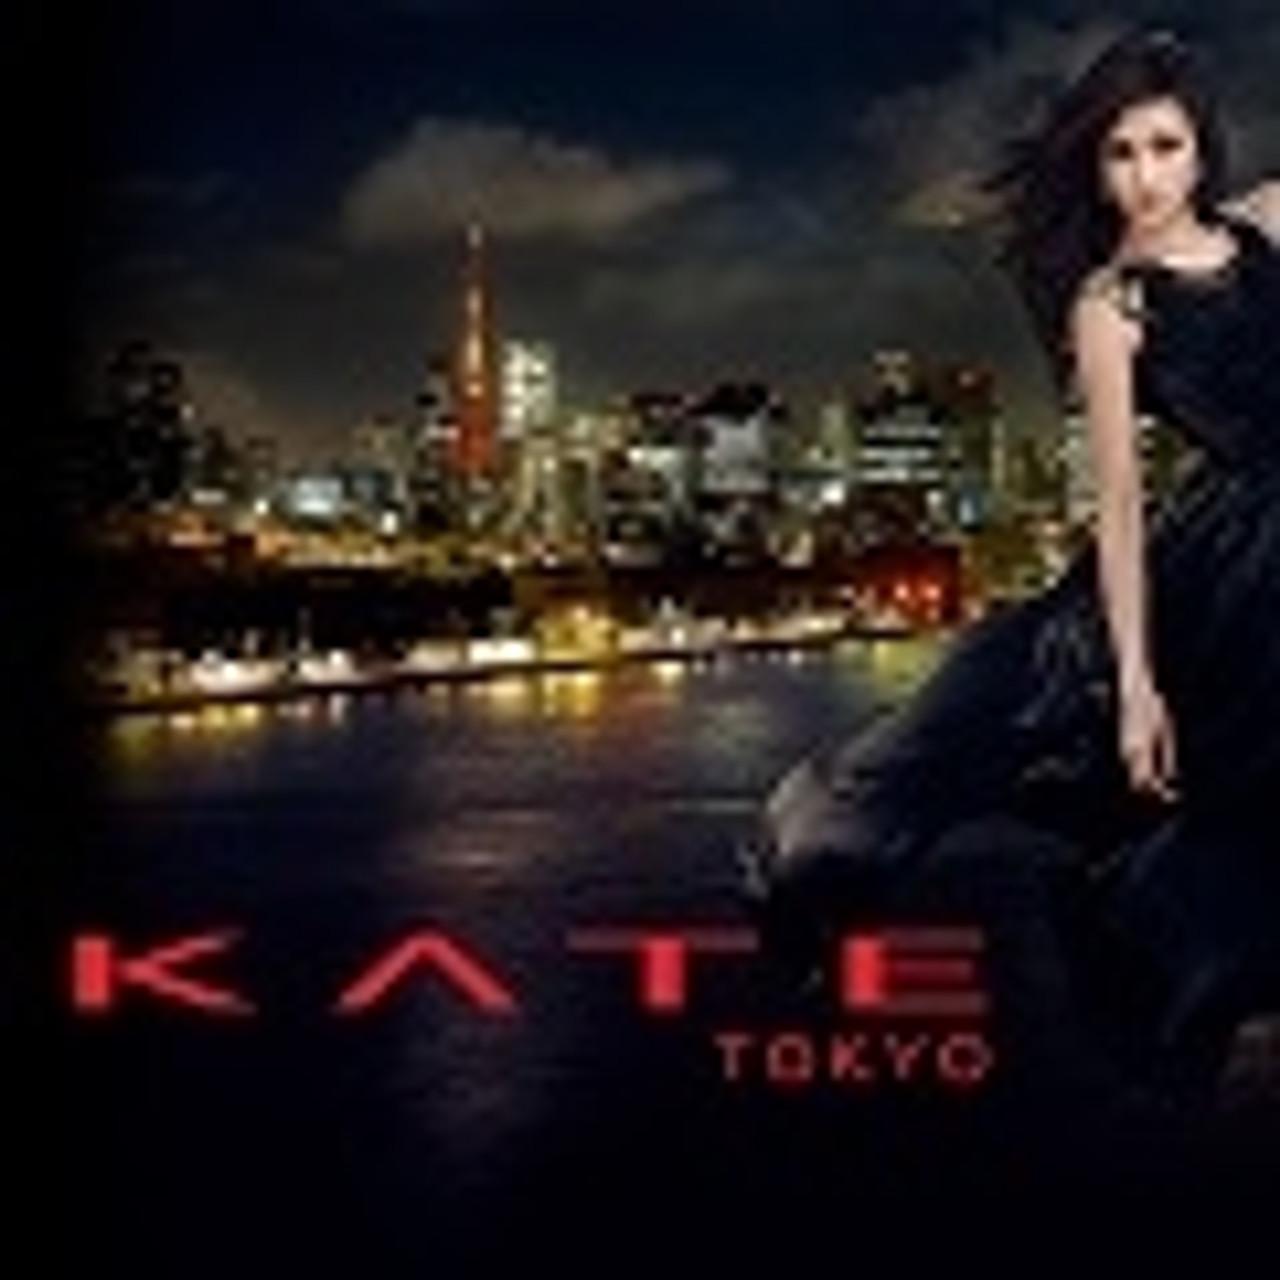 Kanebo KATE